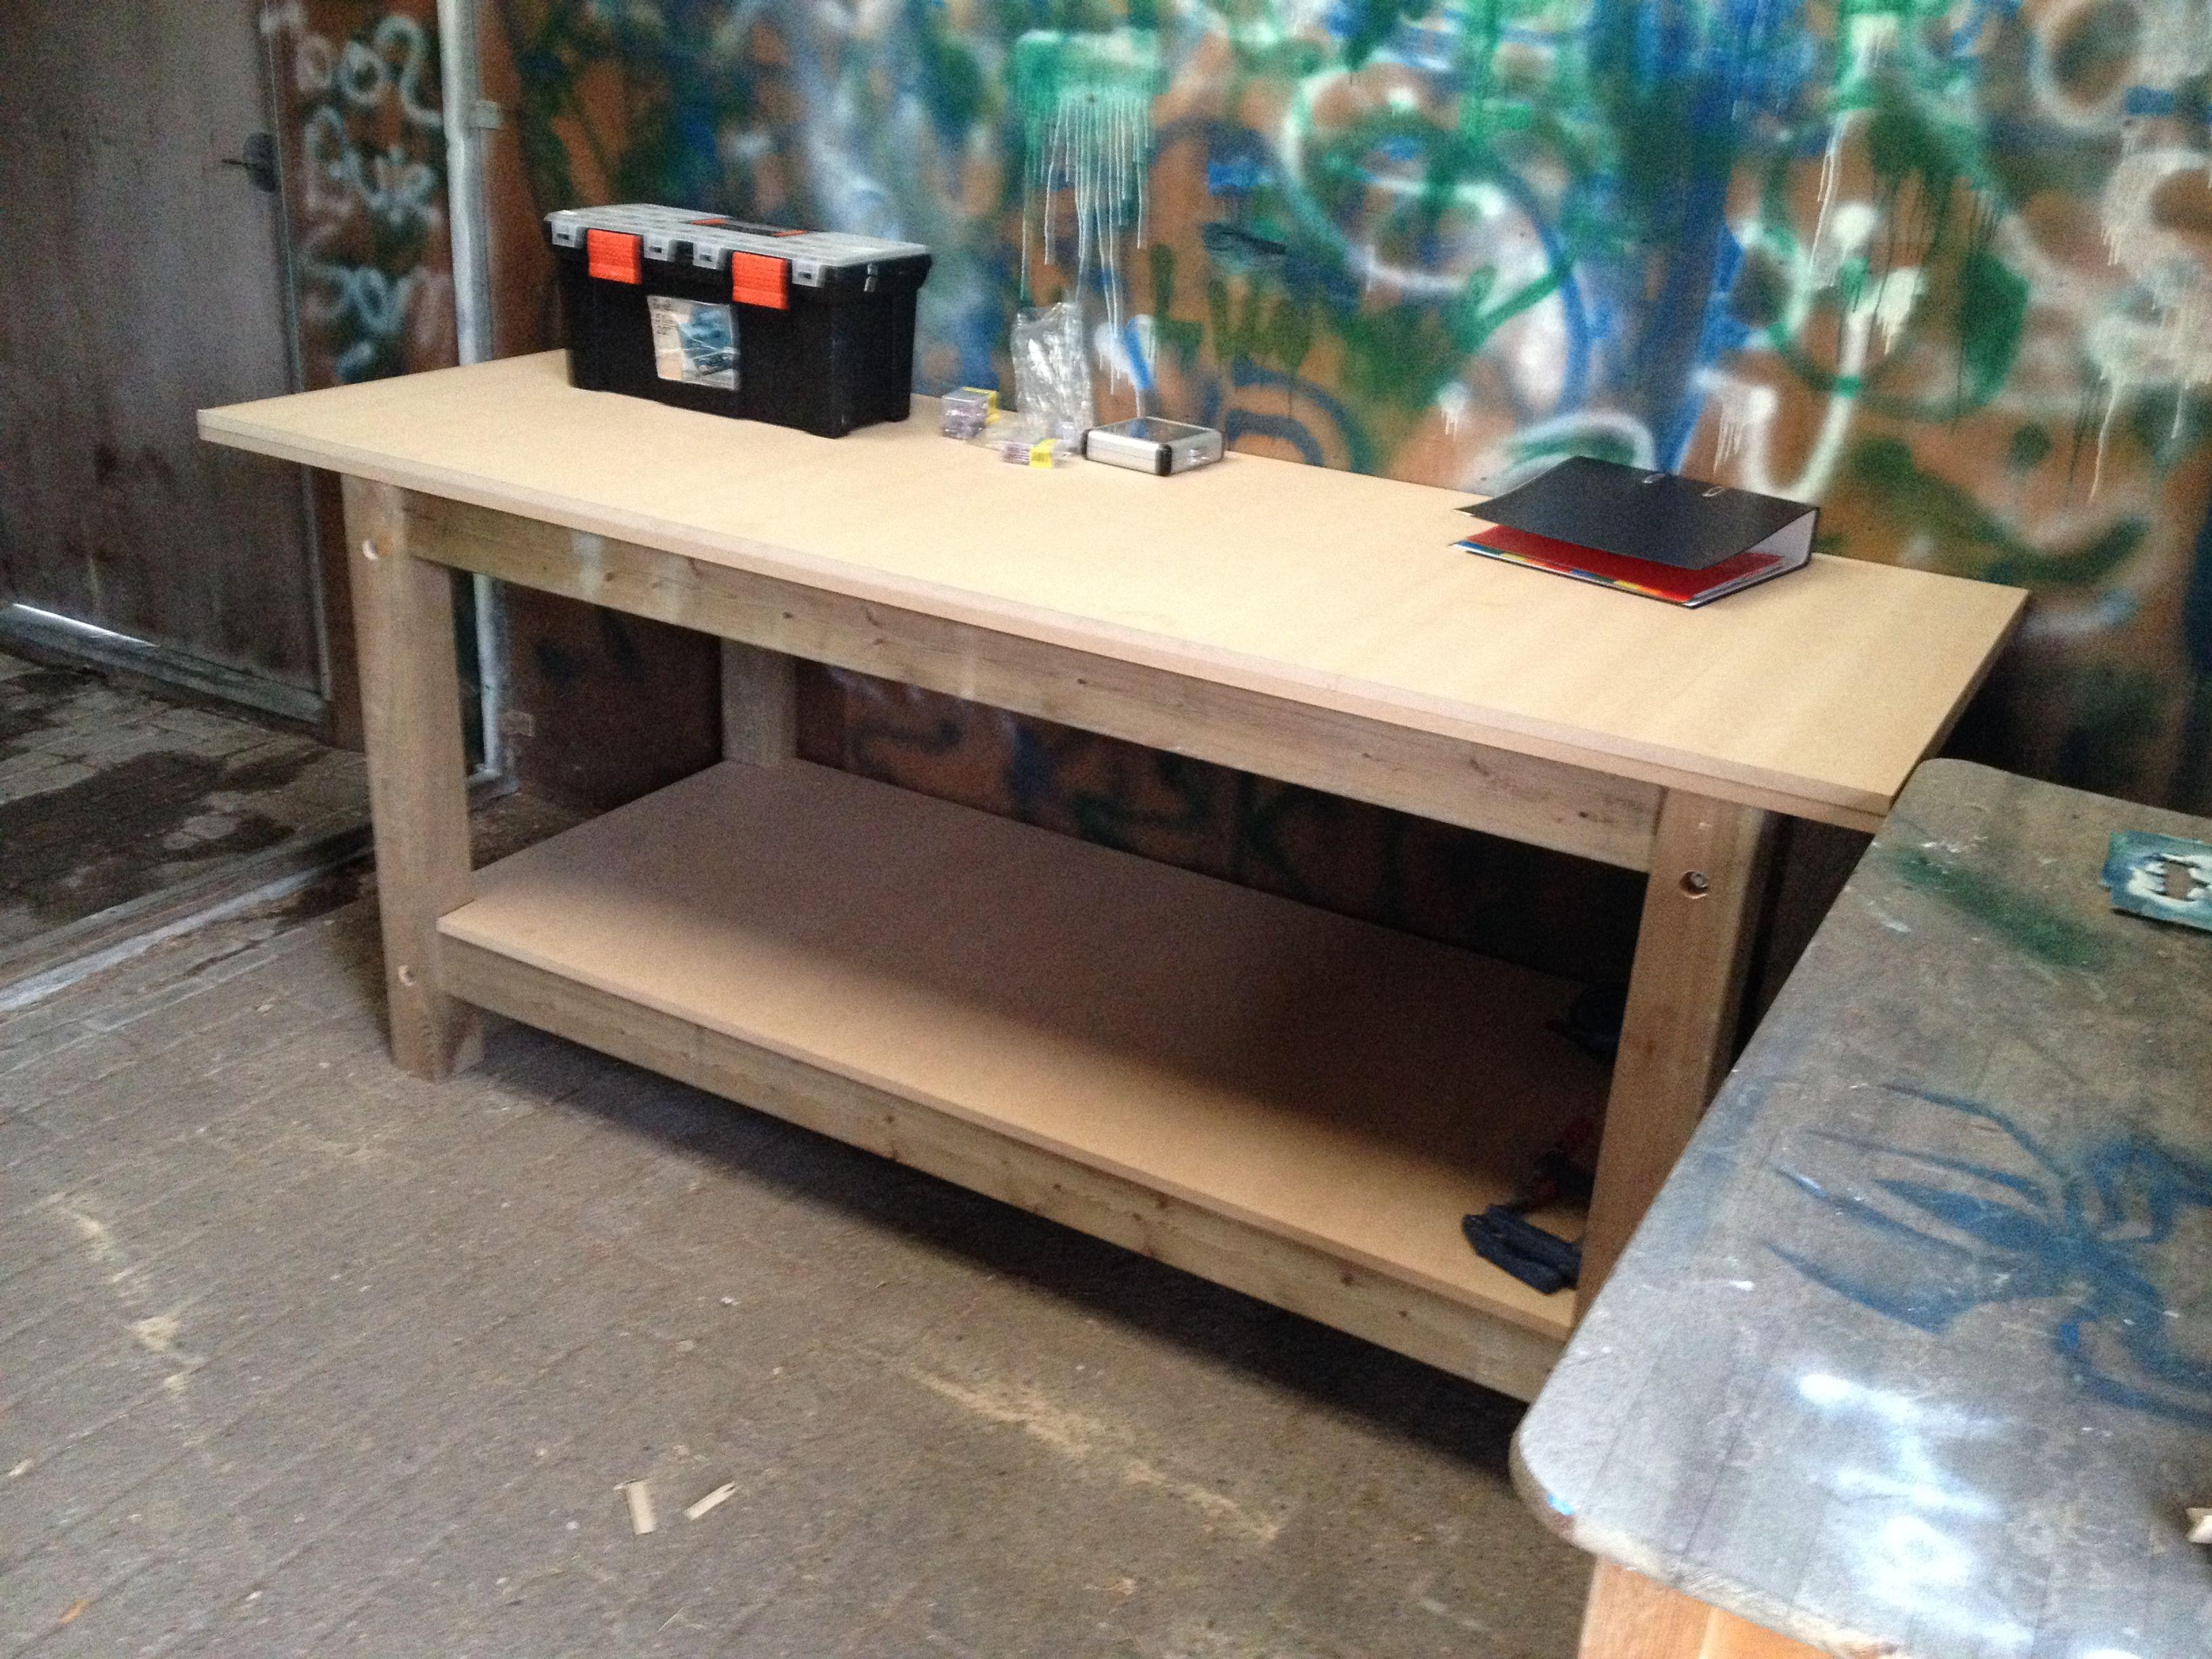 Top zonder werkbank geen meubels maken dus ook maar for Zelf meubels maken van hout